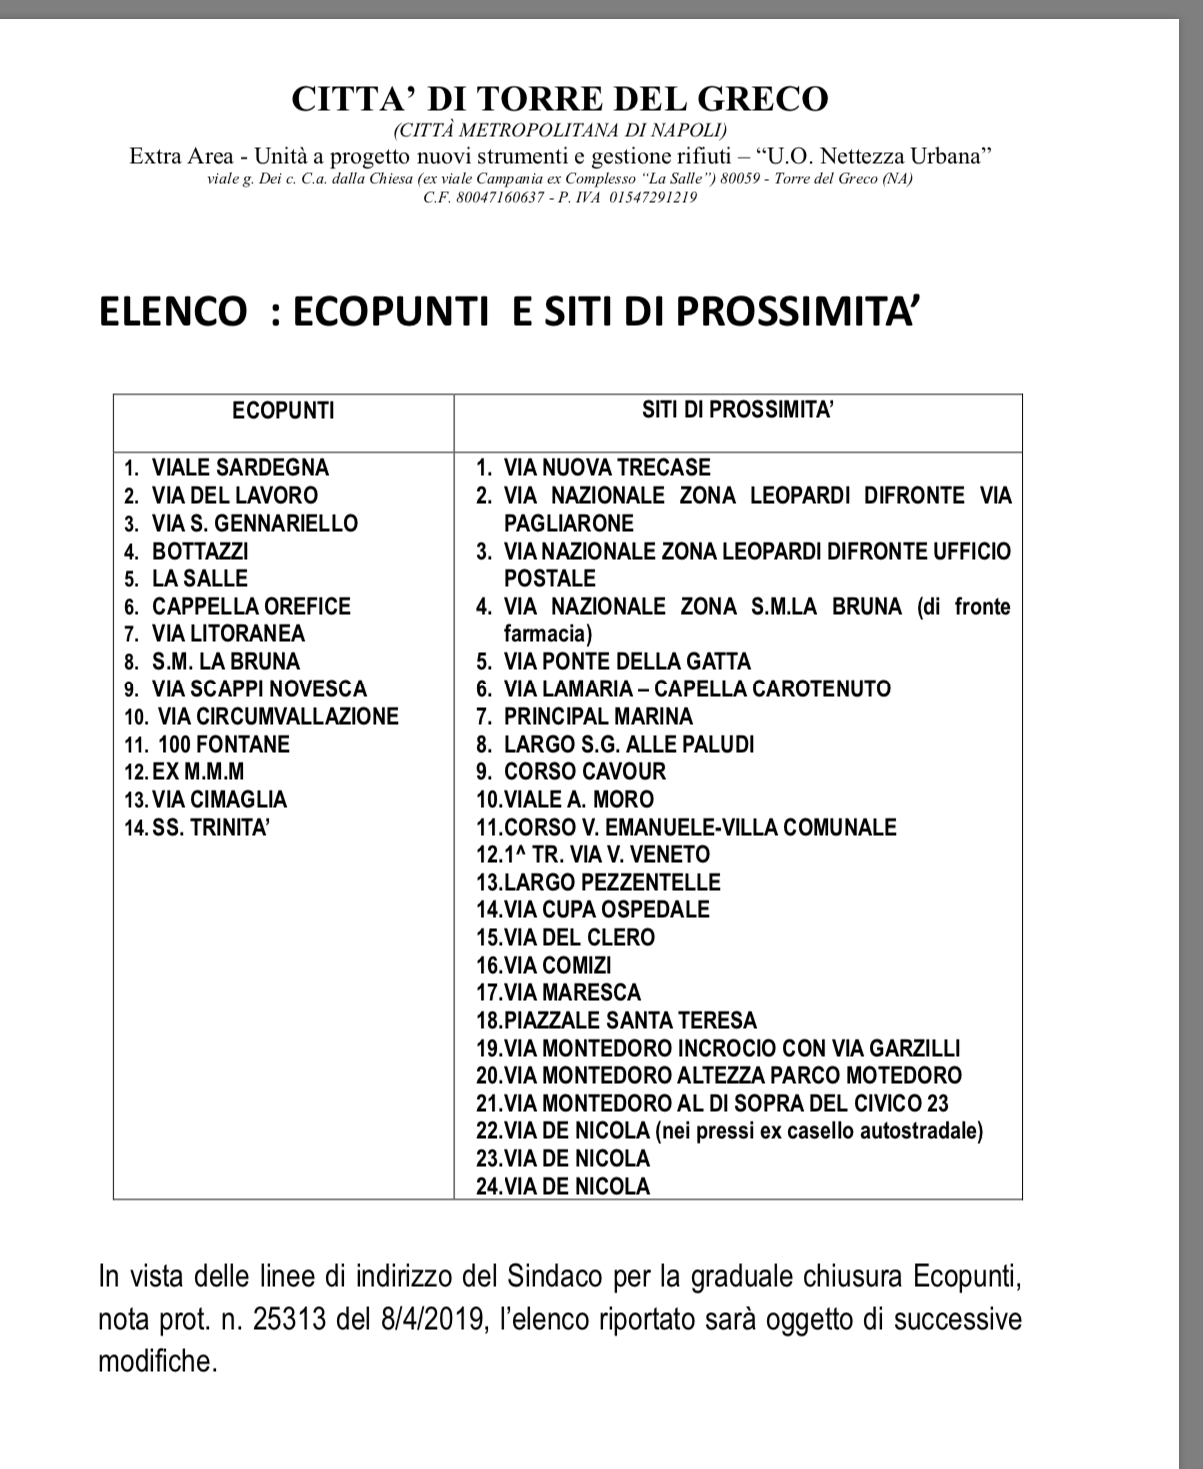 Calendario Greco.Torre Del Greco Guida Alla Differenziata Ecco Il